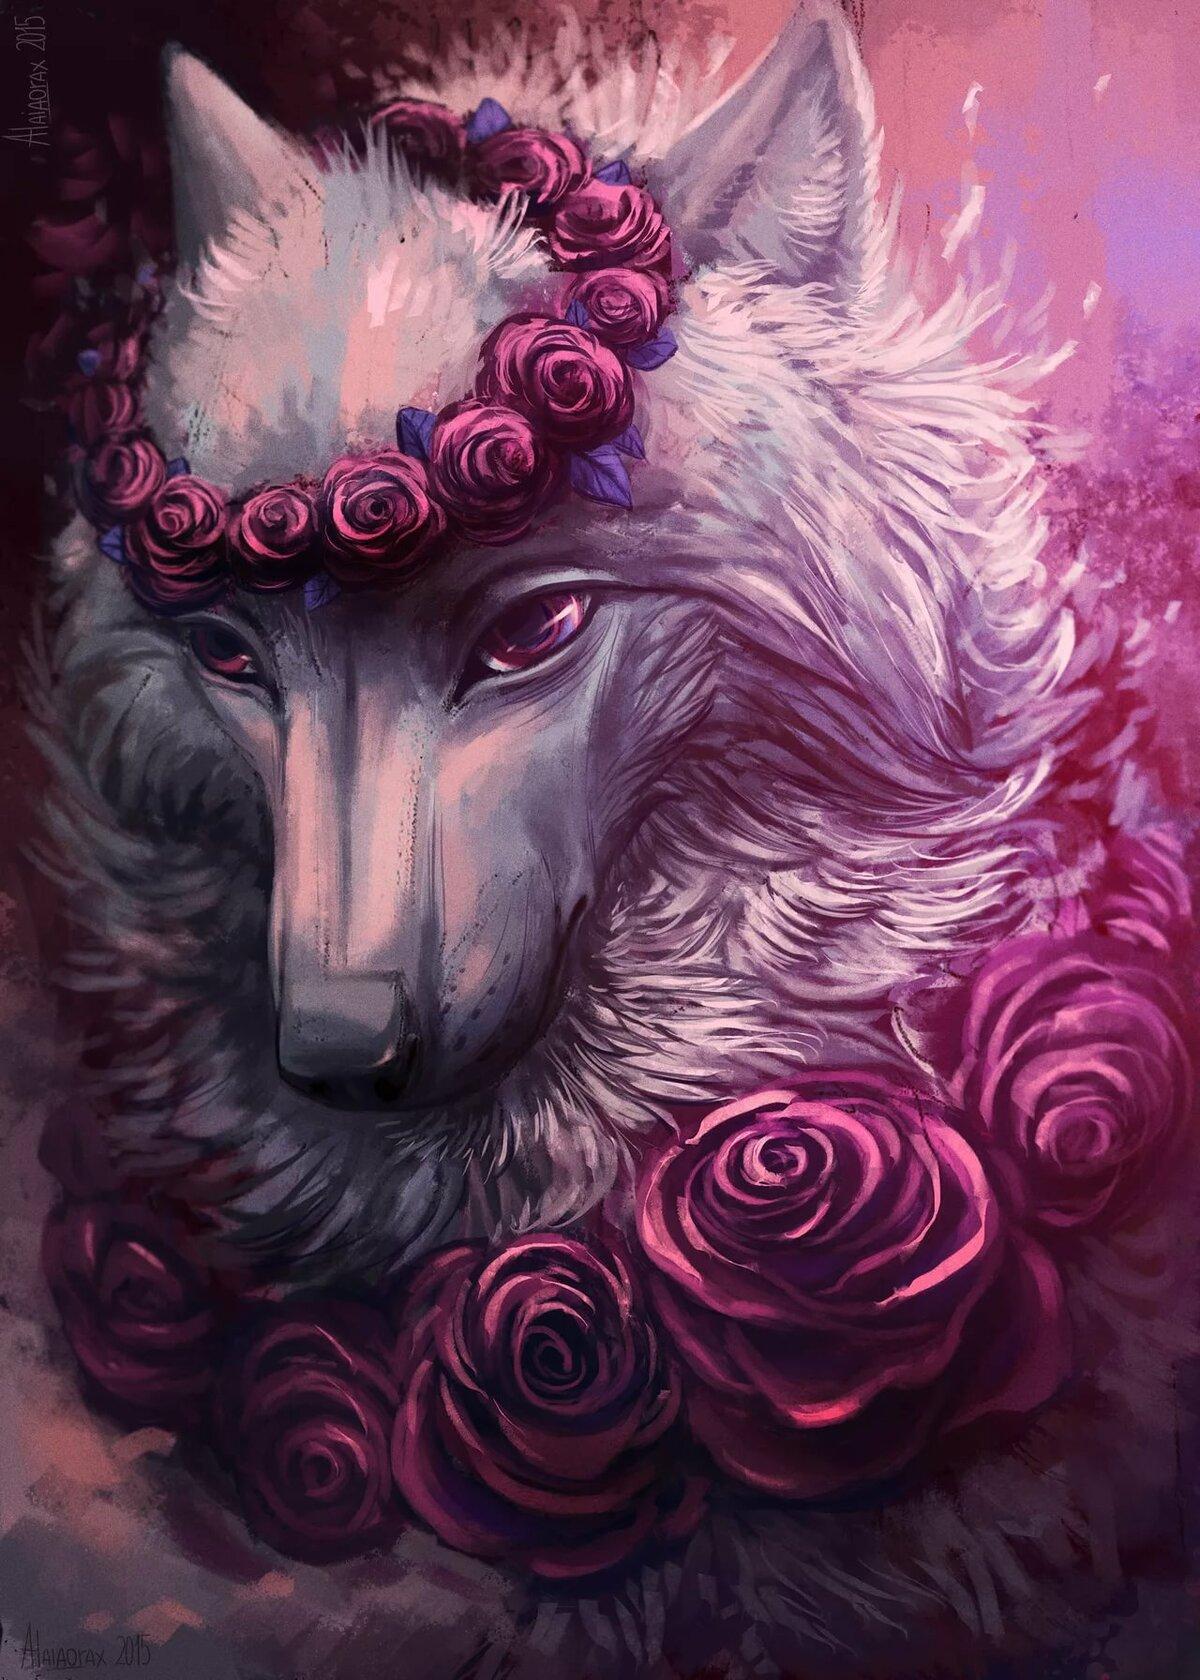 картинки волшебных волков на аву джилленхол практически делится